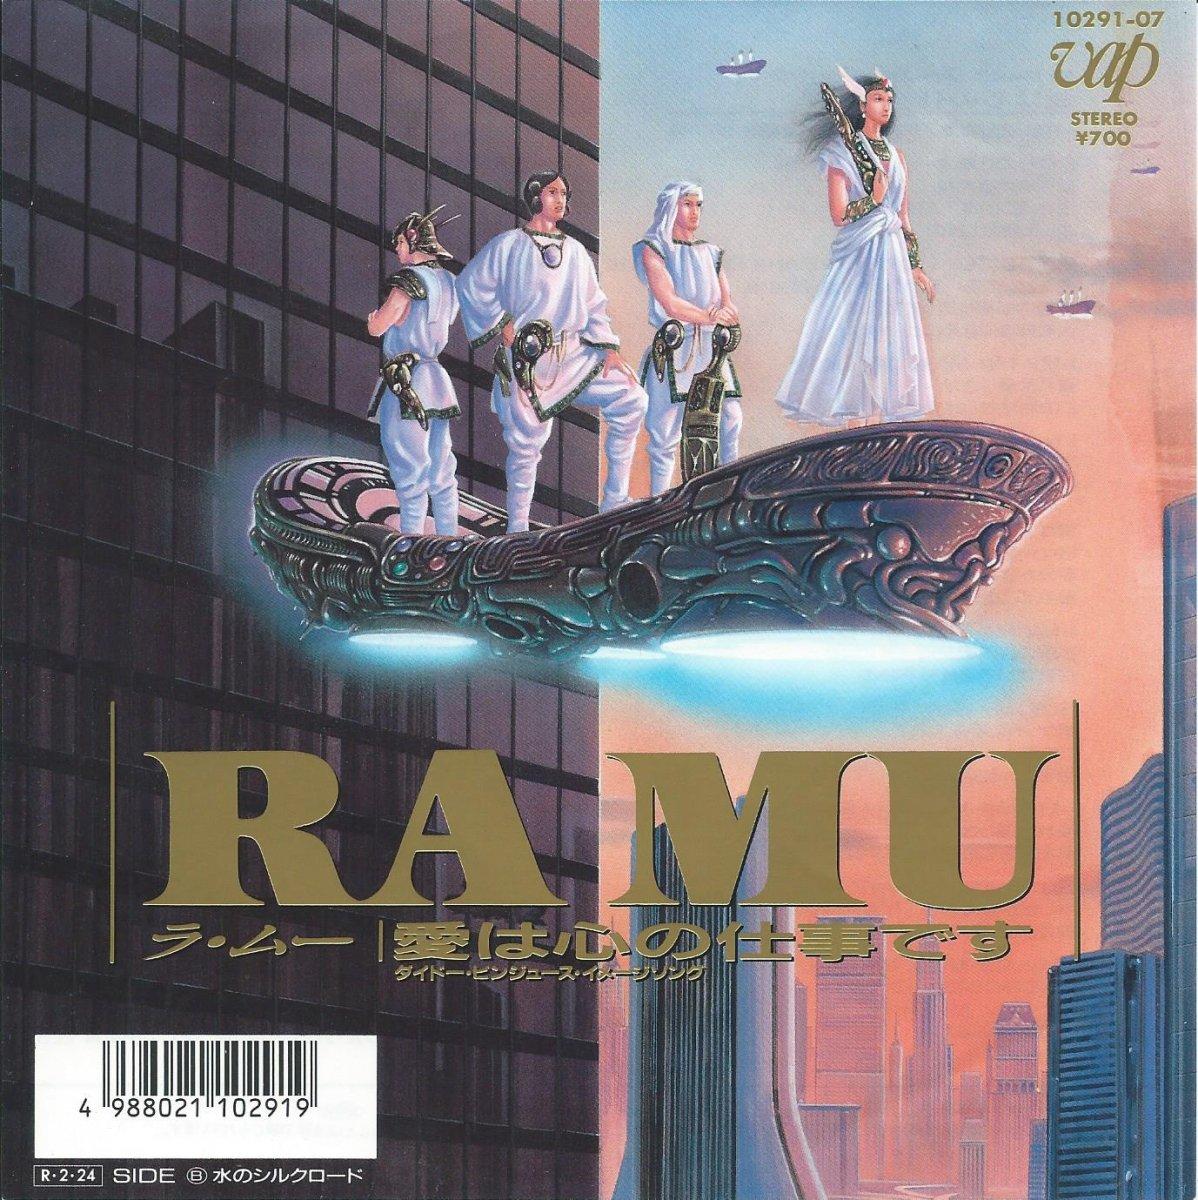 ラ・ムー RAMU / 愛は心の仕事です / 水のシルクロード (7